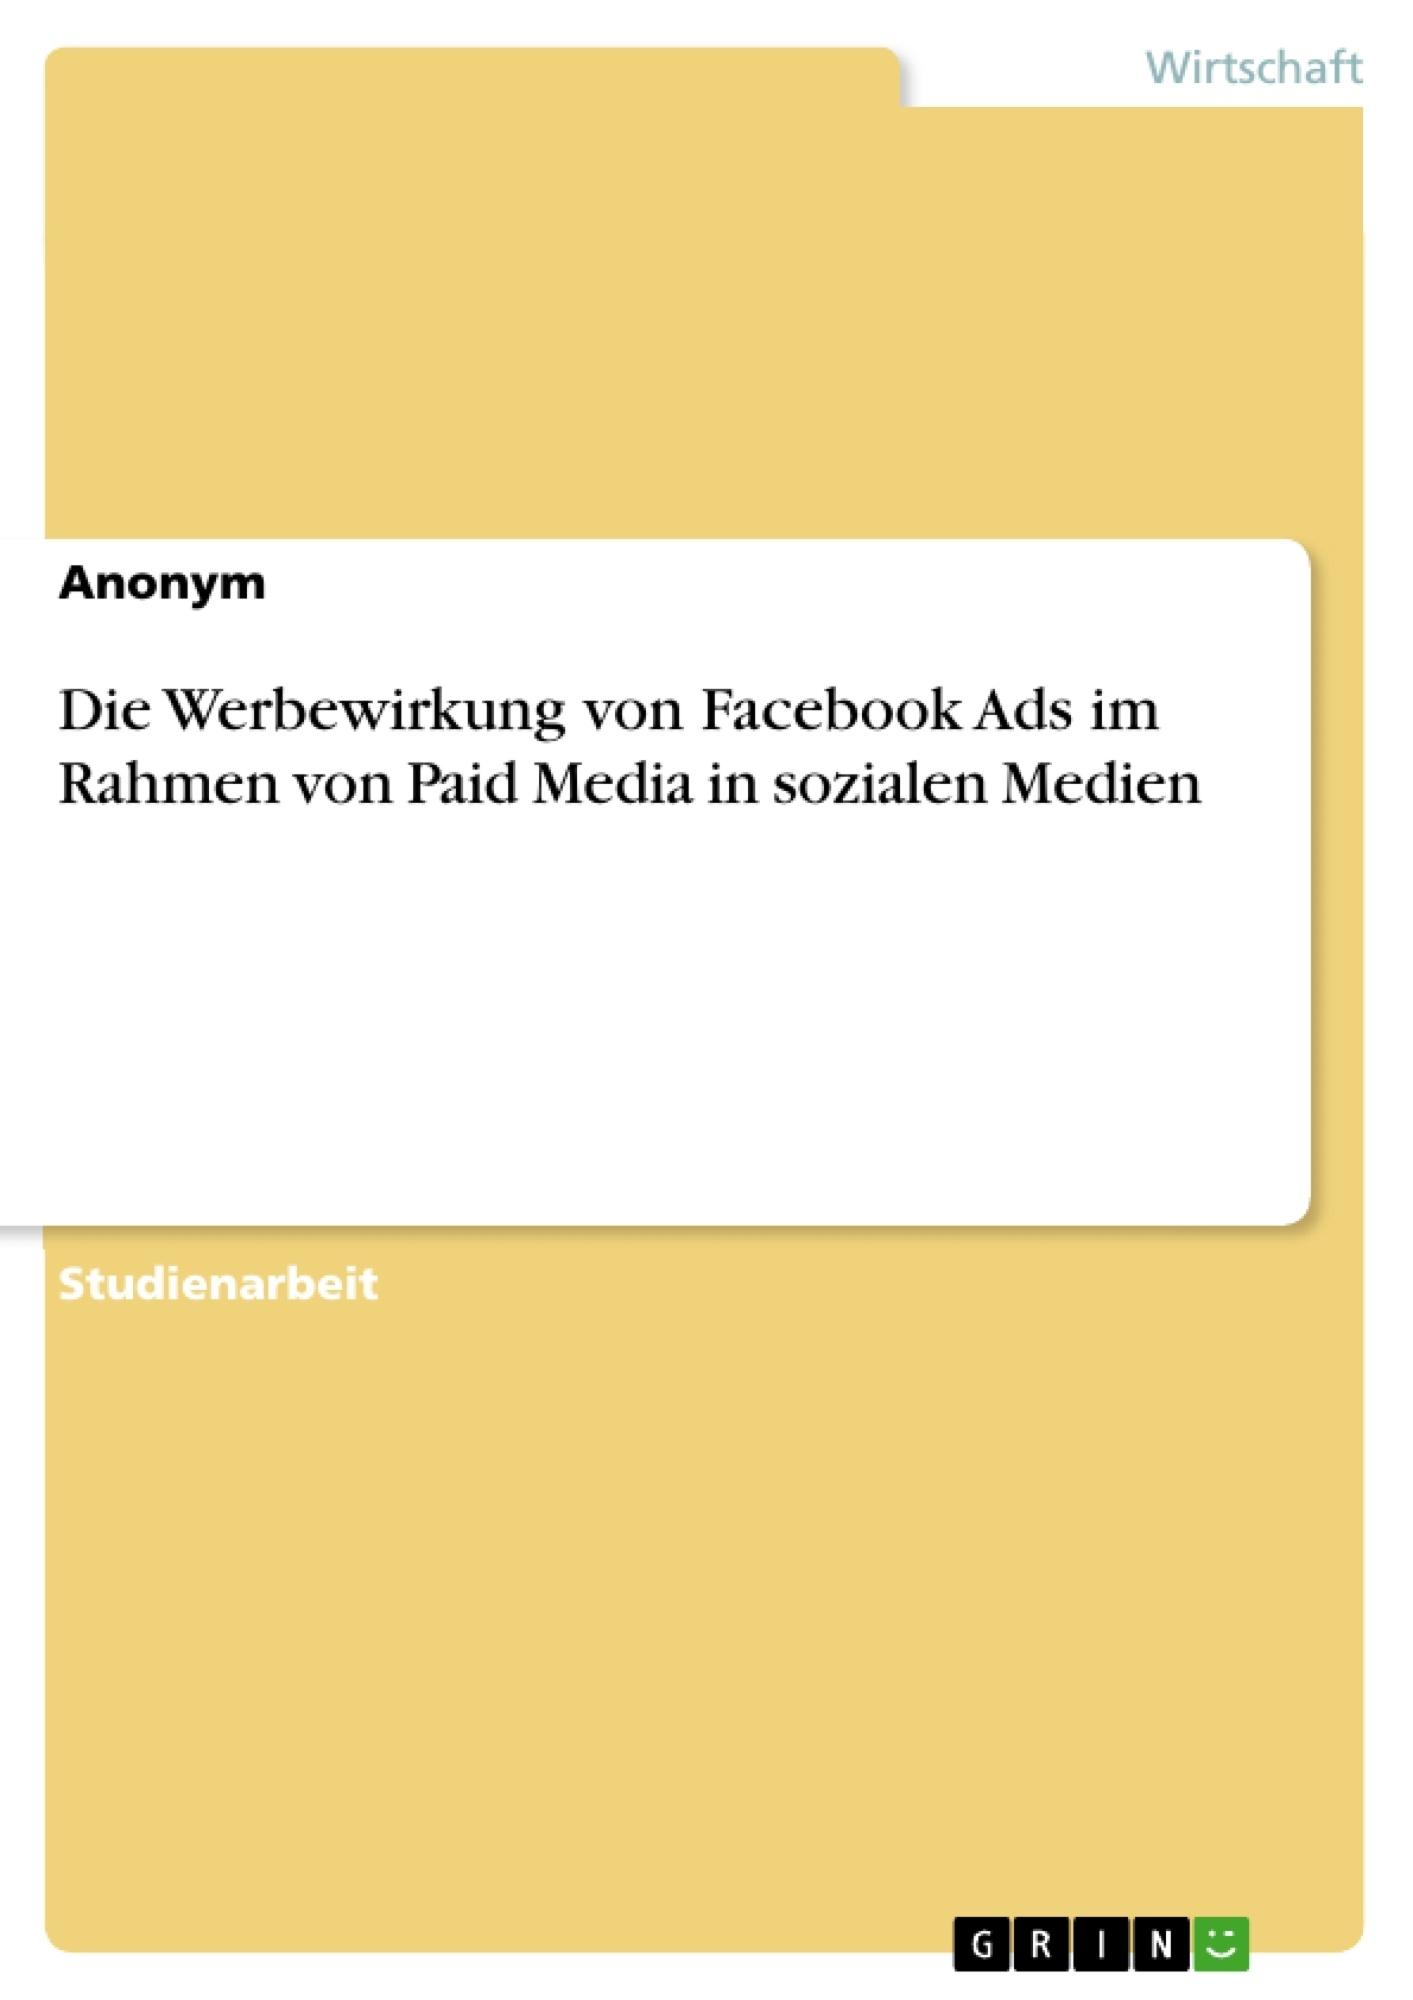 Titel: Die Werbewirkung von Facebook Ads im Rahmen von Paid Media in sozialen Medien